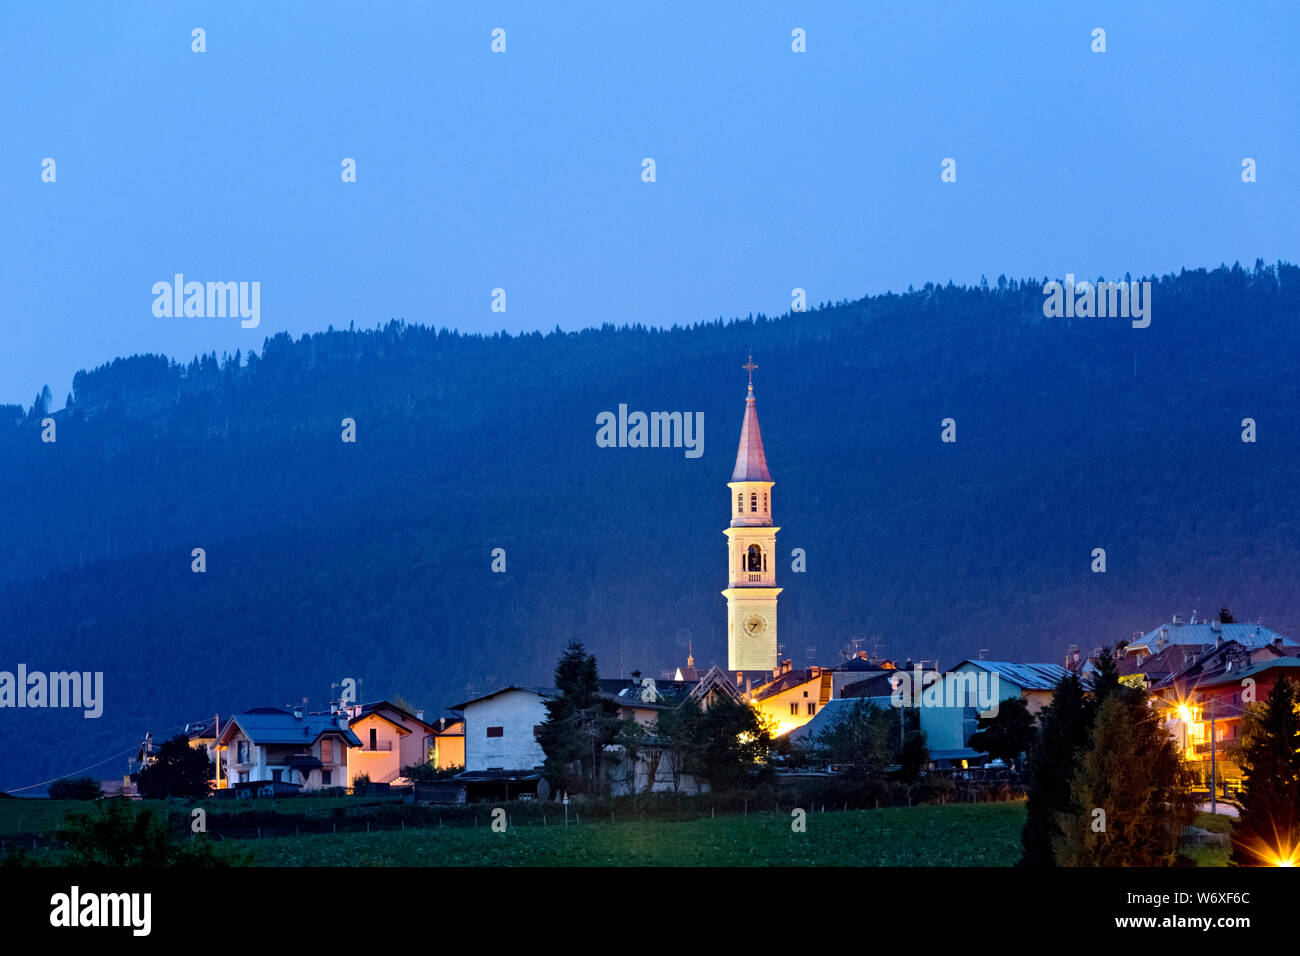 Camporovere è una delle sei frazioni del comune di Roana. Altopiano di Asiago, provincia di Vicenza, Veneto, Italia, Europa. Foto Stock